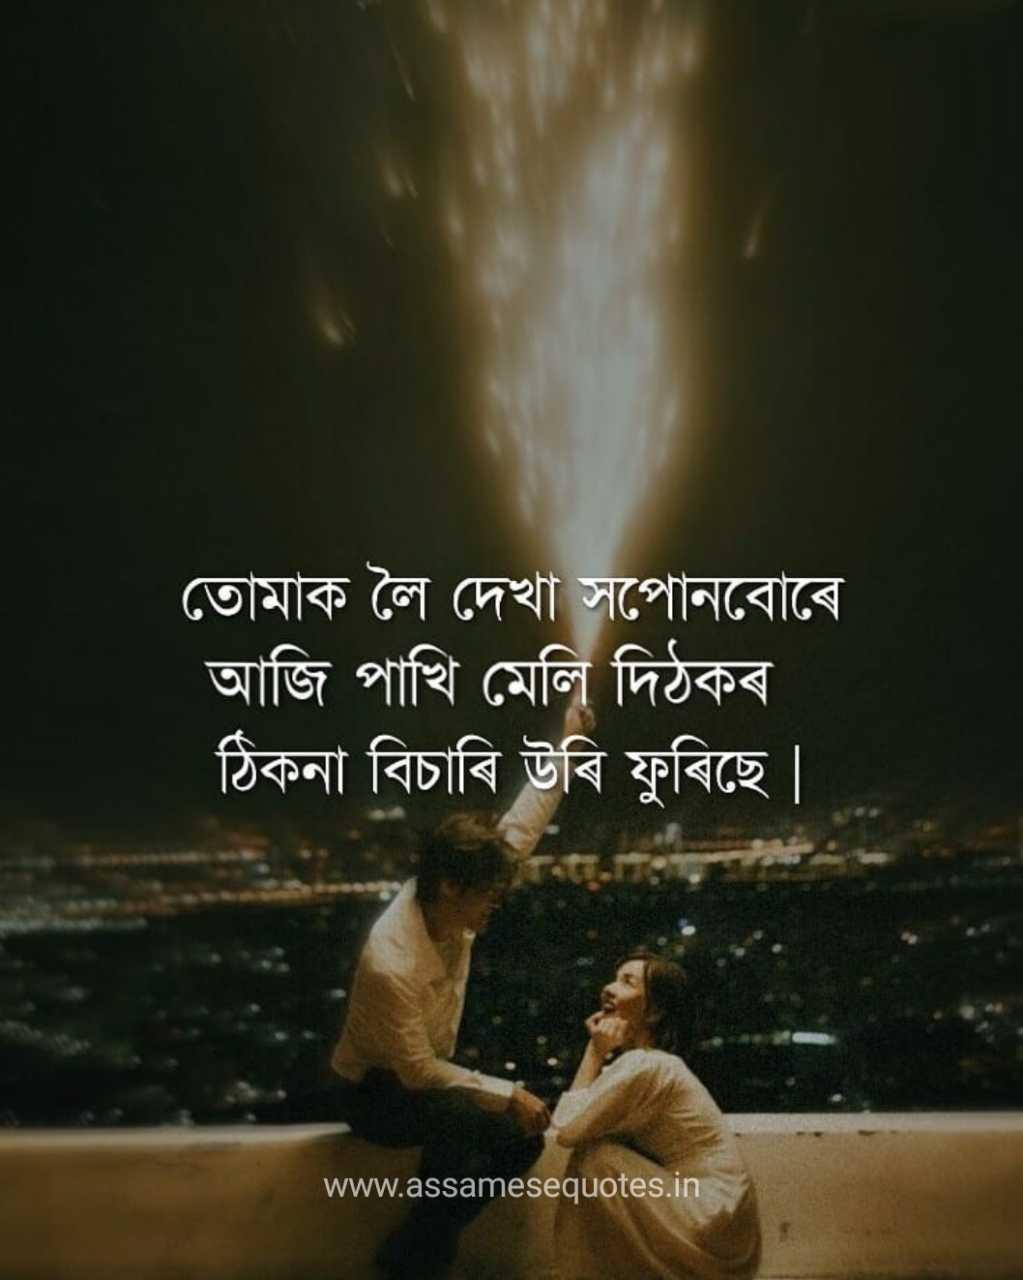 Assamese Heart Touching Love Status